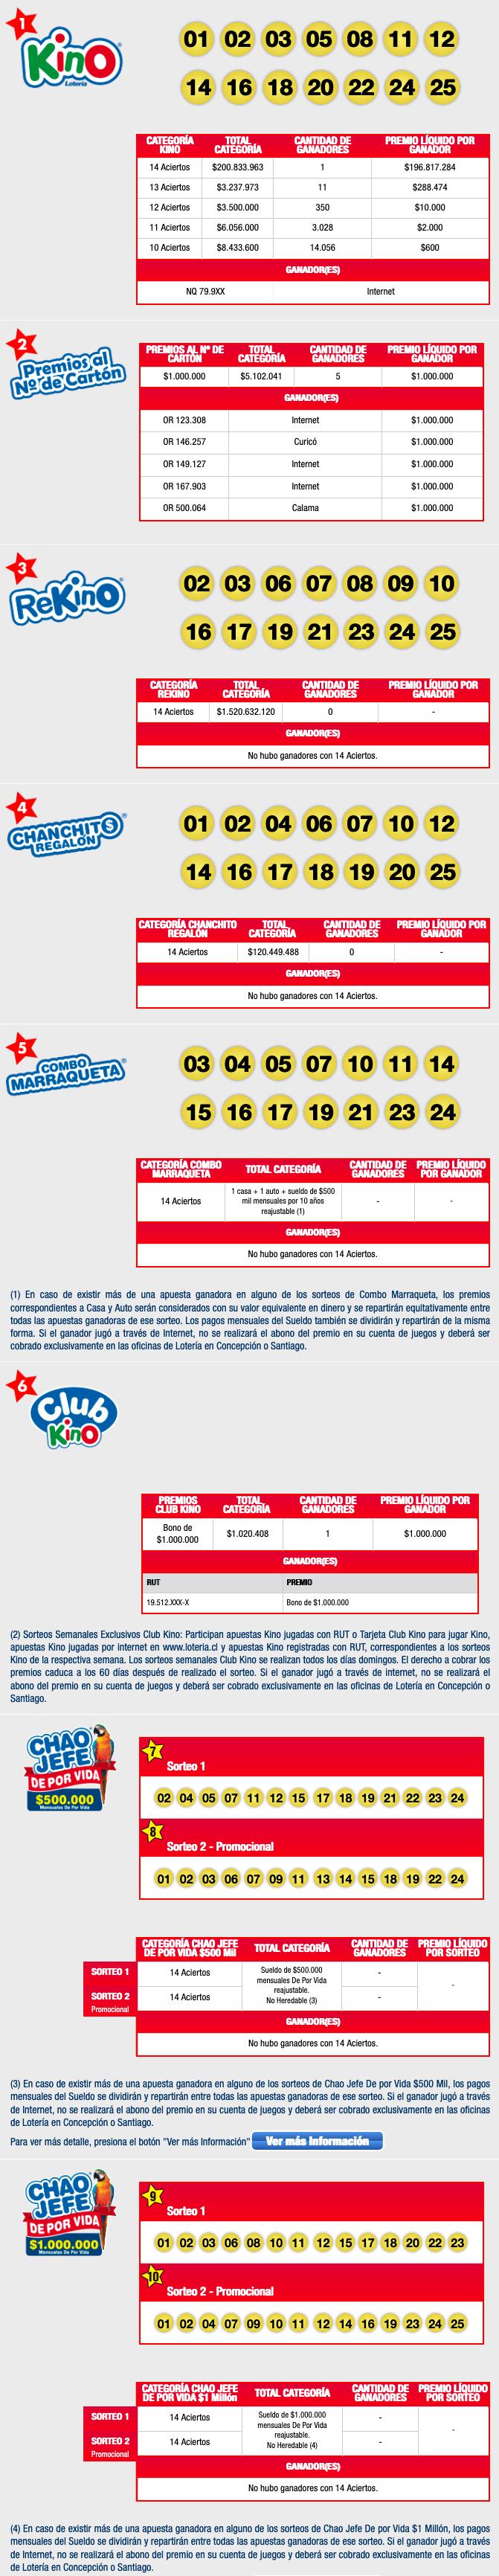 Resultados Kino Chile Sorteo 2295